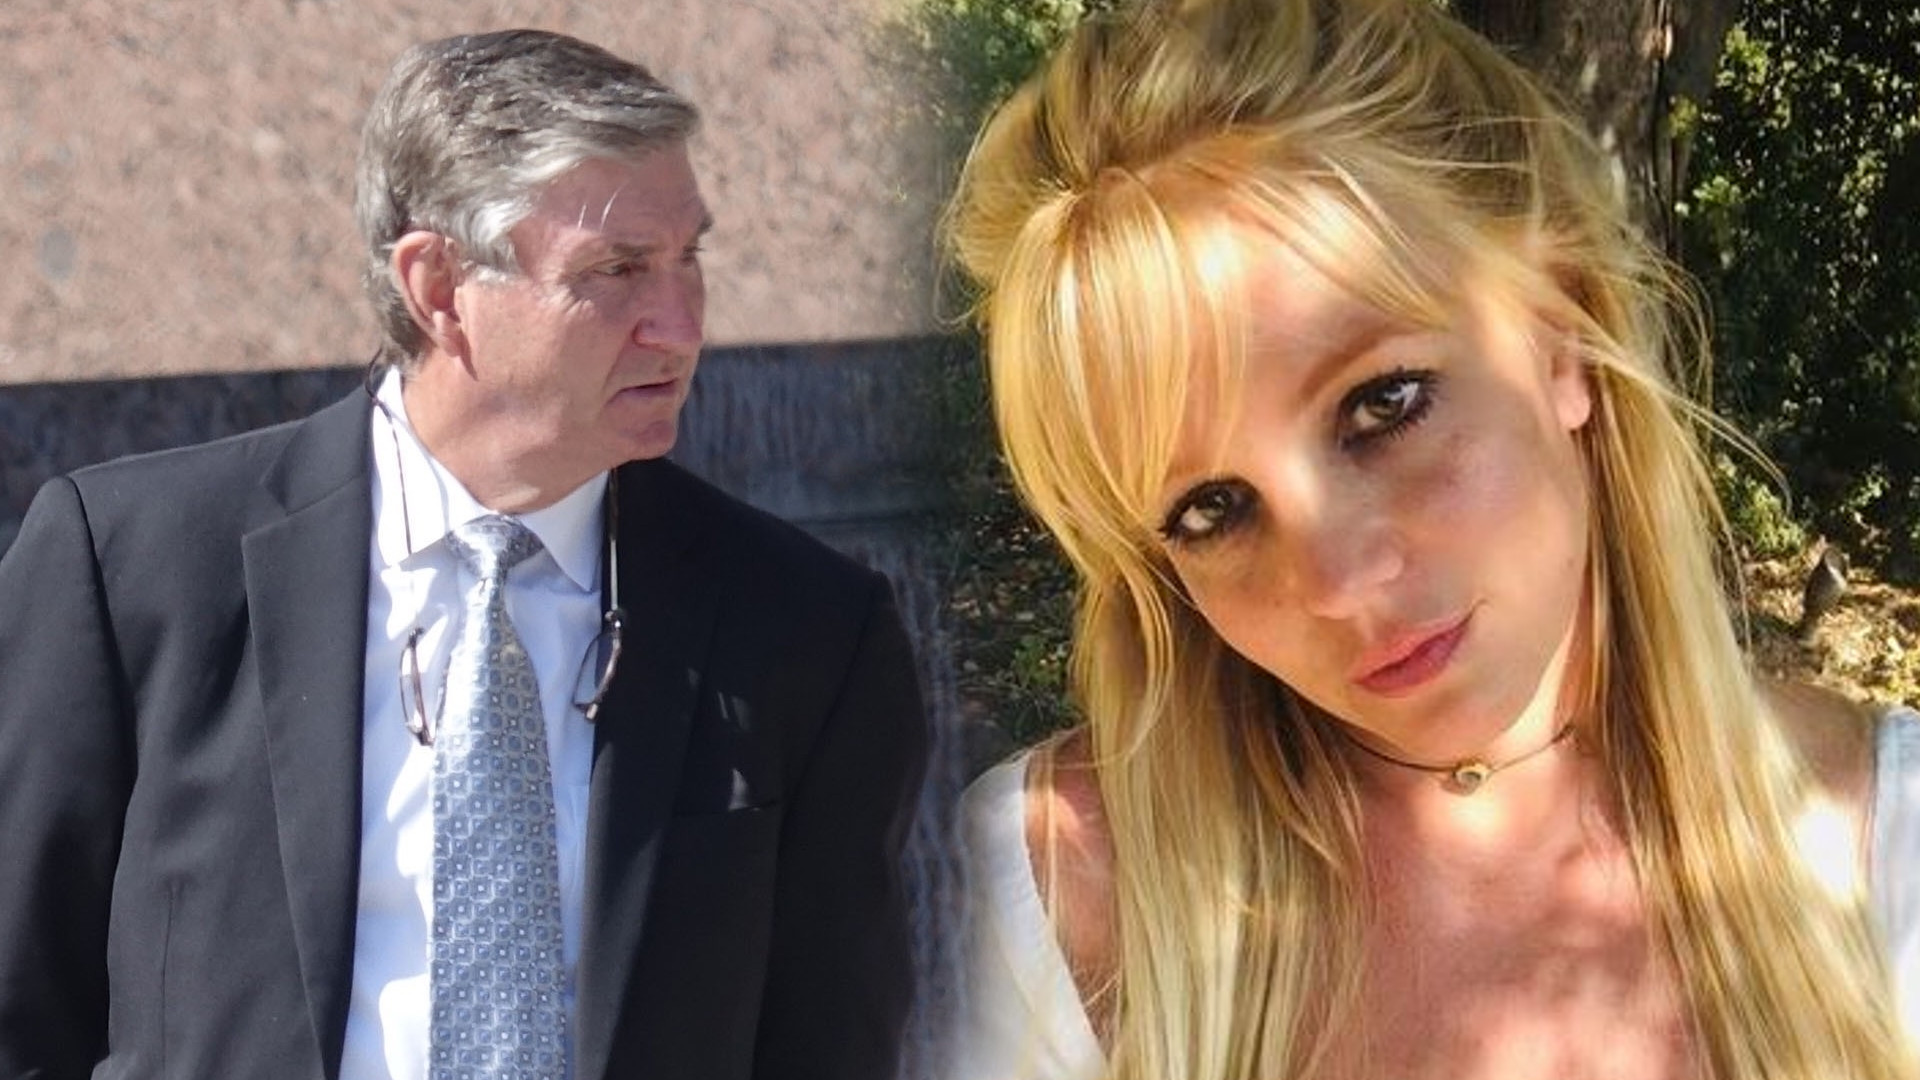 #freeBritney, sędzia w Los Angeles zdecydował, co dalej z Britney Spears!